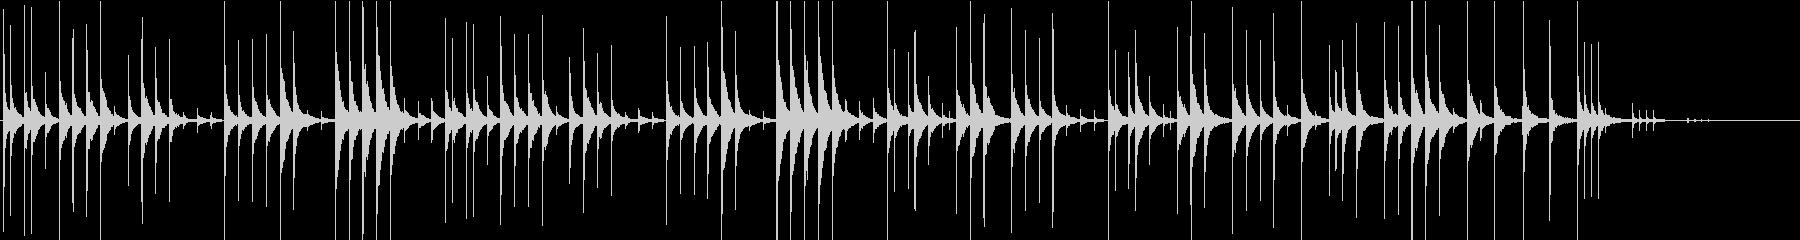 ディレイ仕様の木琴の未再生の波形